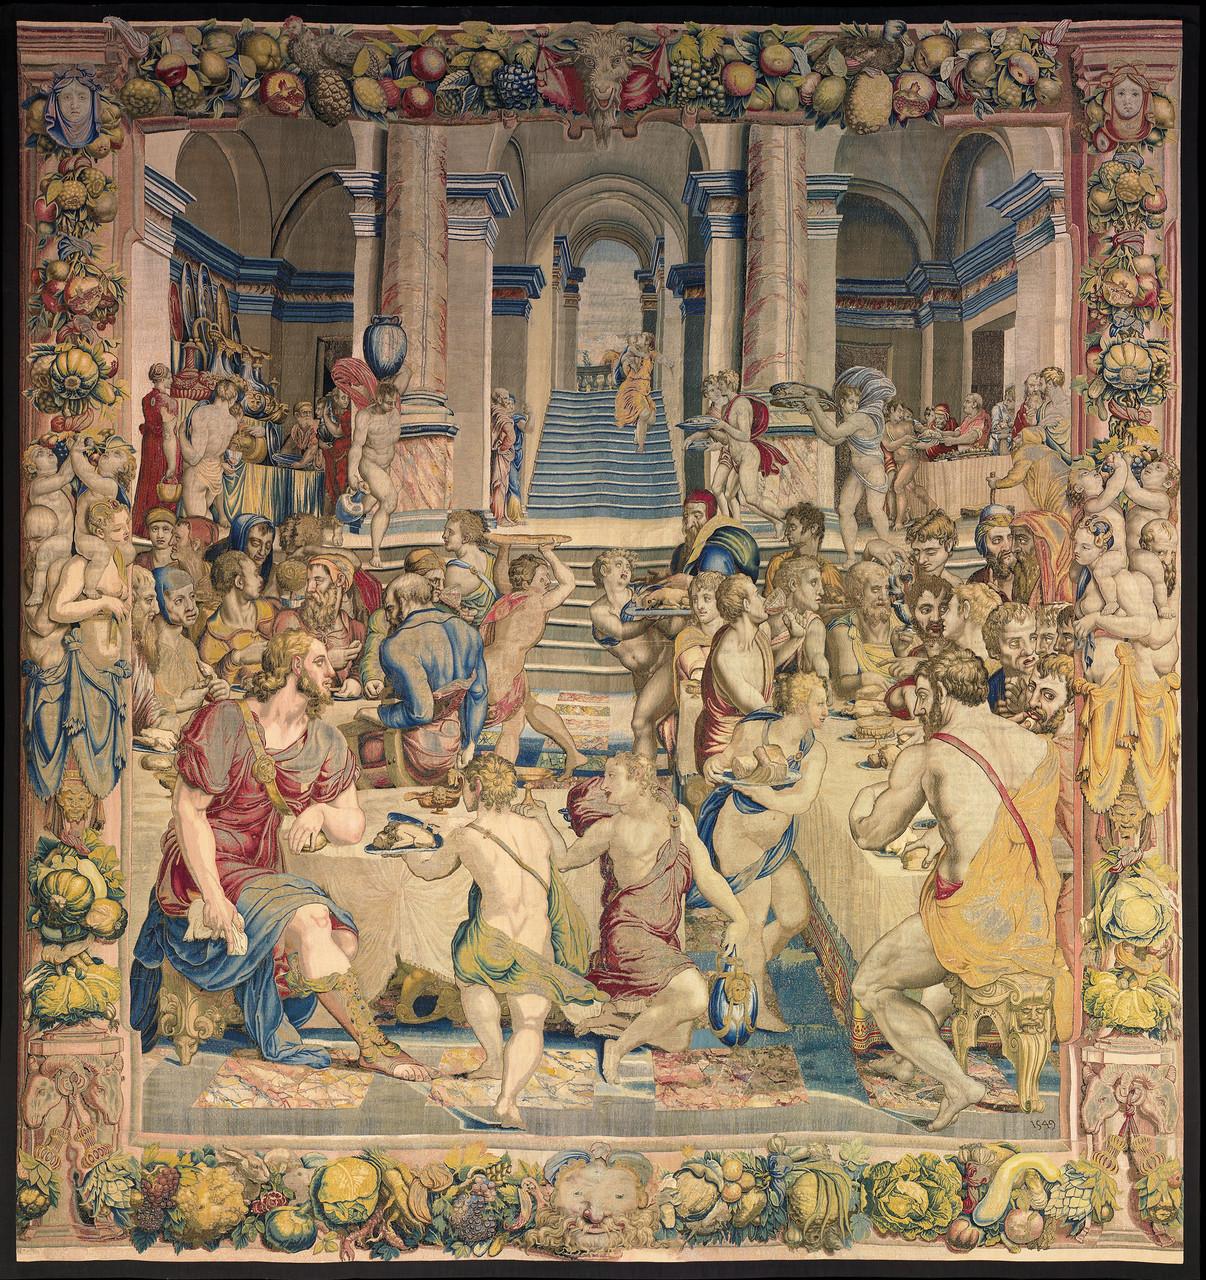 Convito di Giuseppe con i fratelli, 1550-1553 disegno e cartone di Agnolo Bronzino atelier di Nicolas Karcher Roma, Presidenza della Repubblica